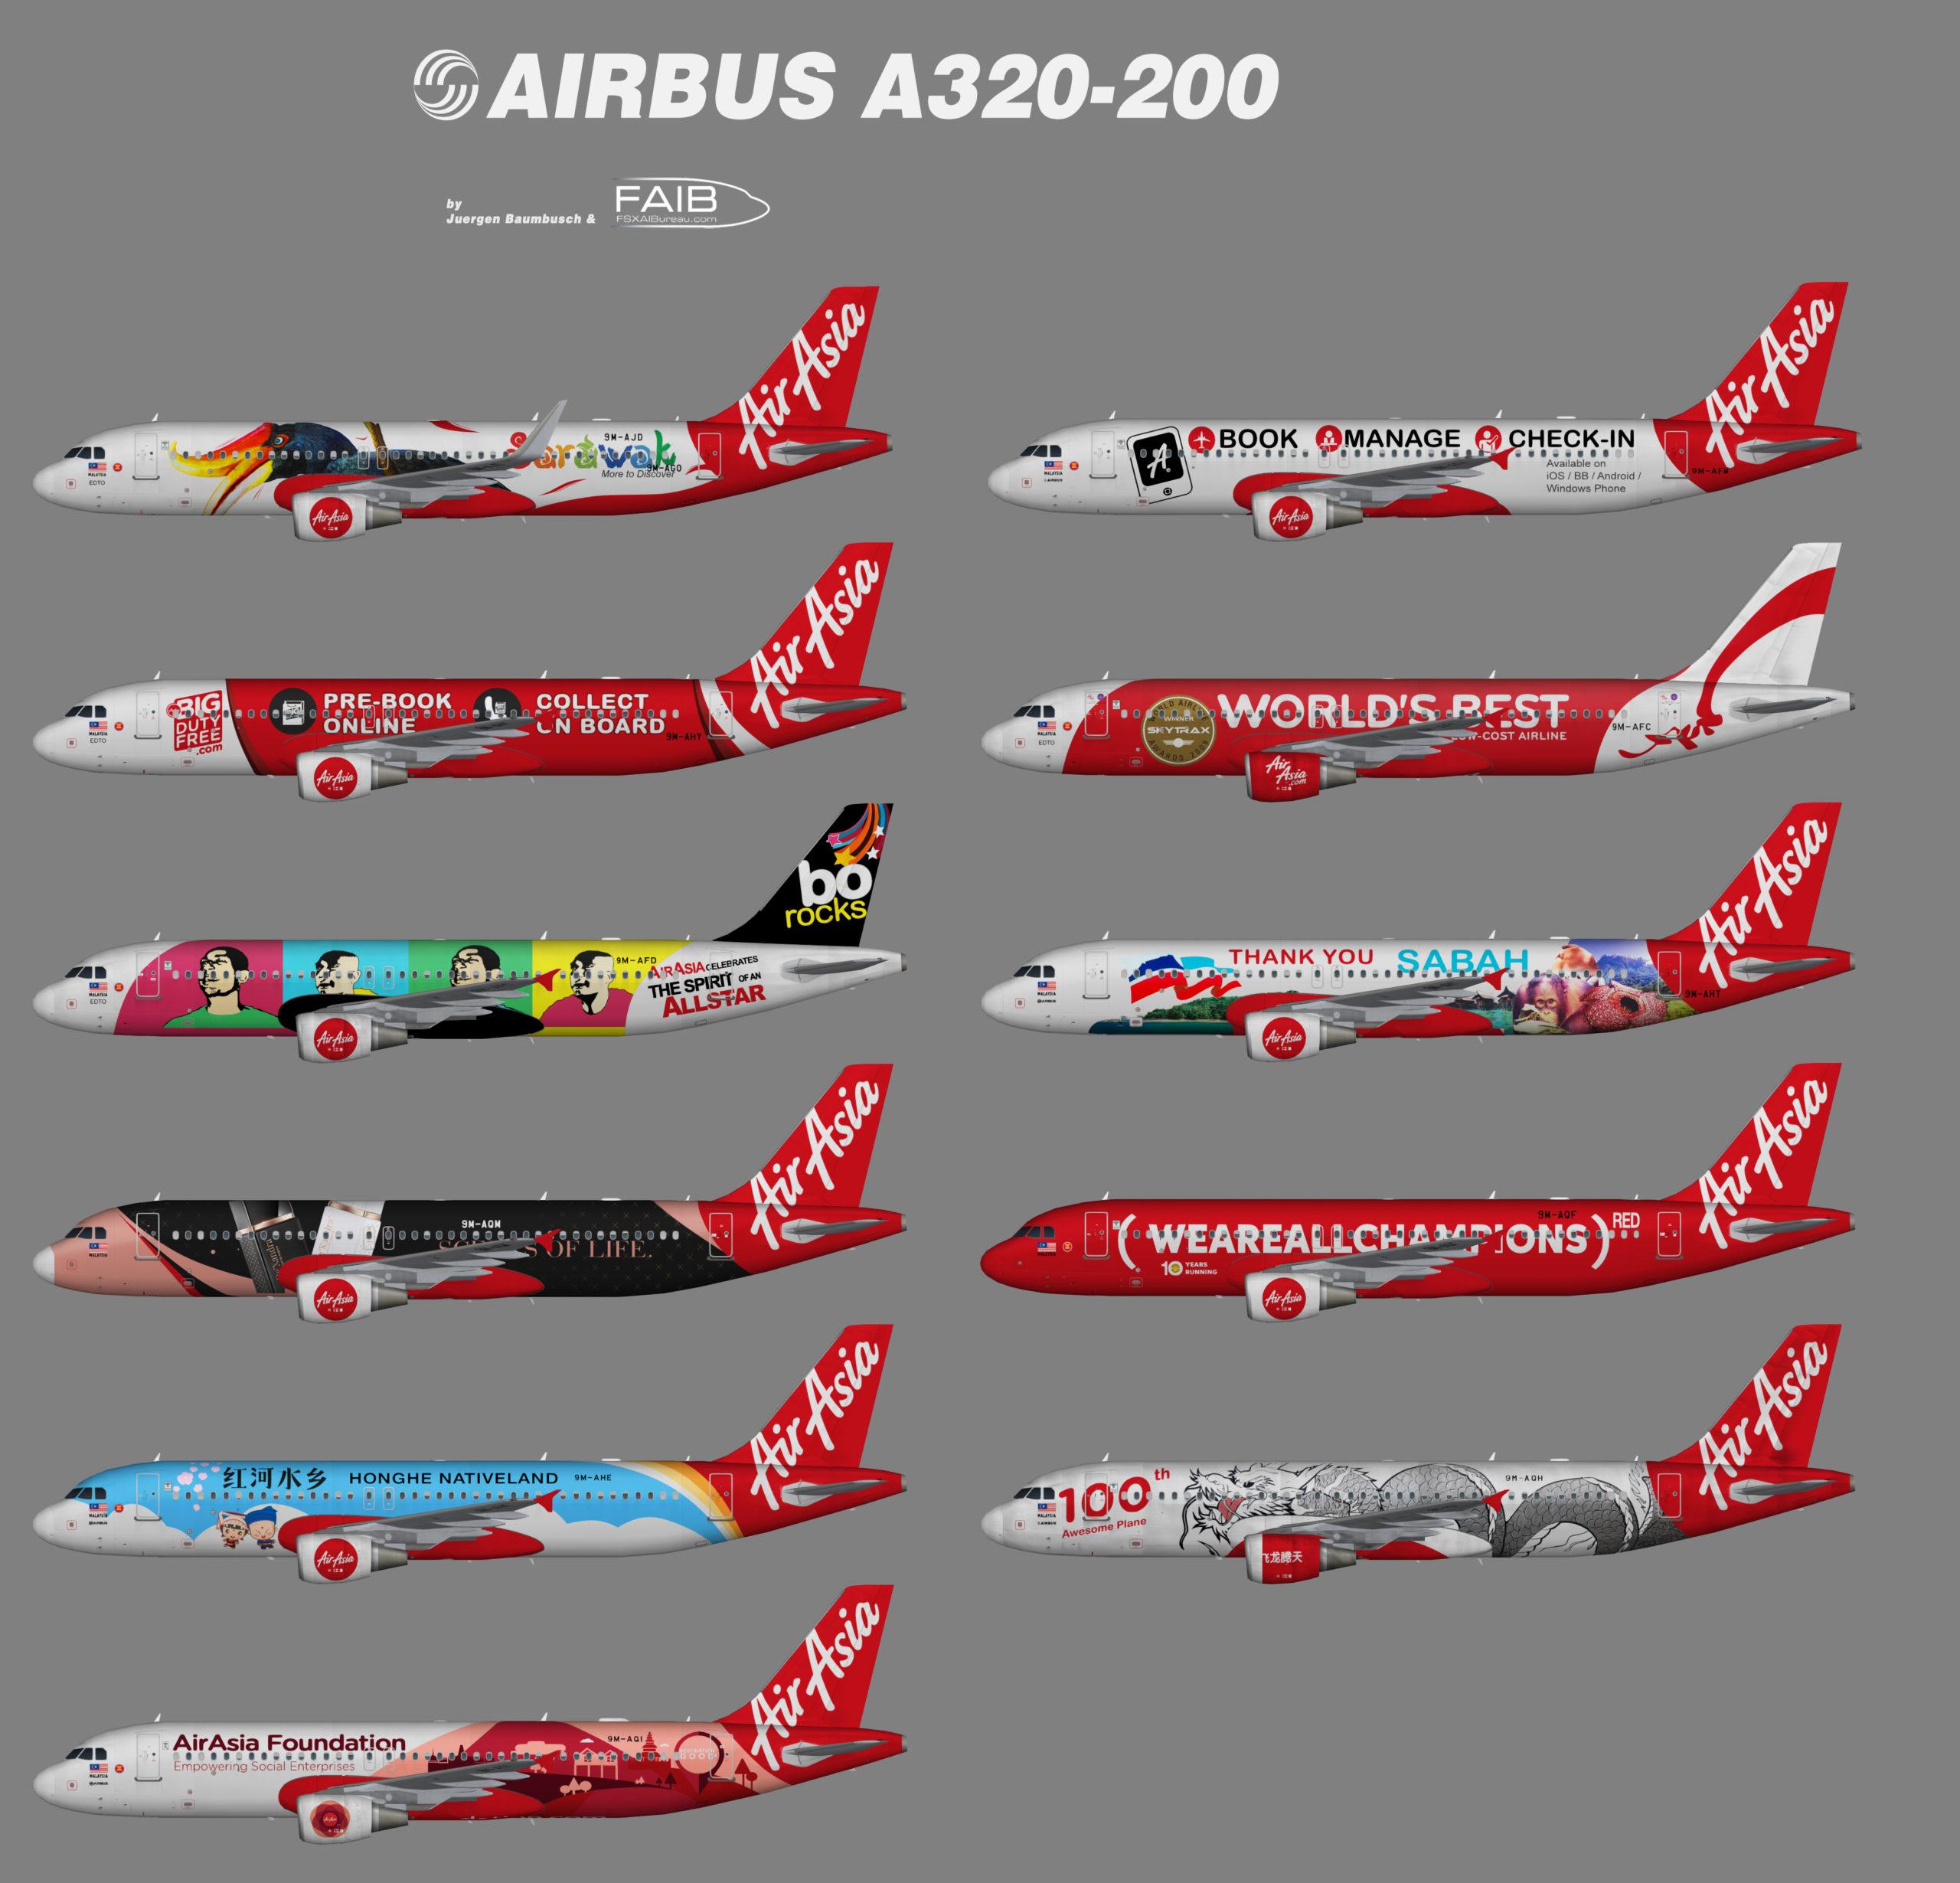 AirAsia Airbus A320-200 Specials